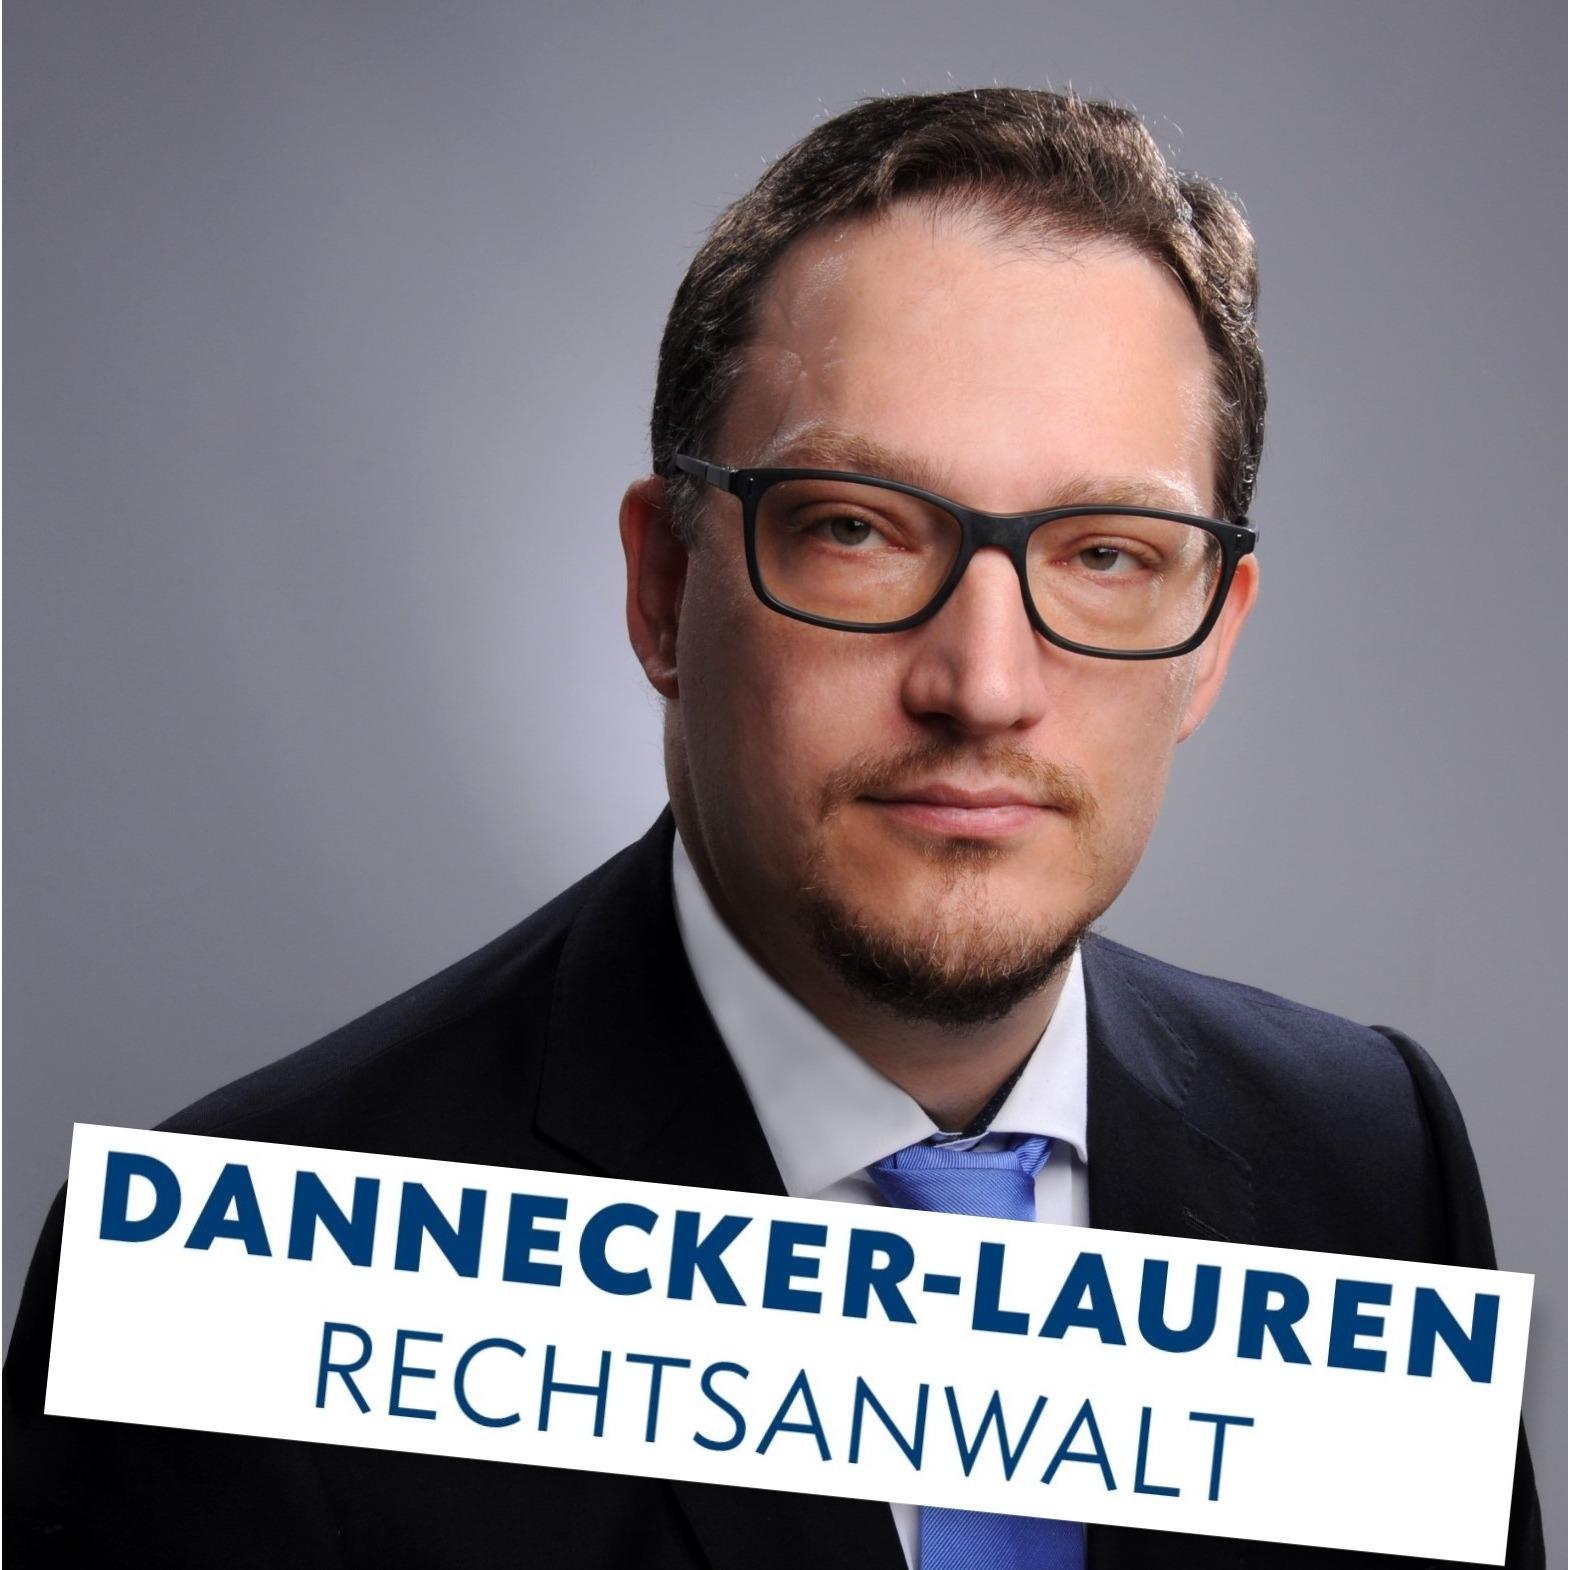 Bild zu Kanzlei Dannecker-Lauren in Wiesbaden